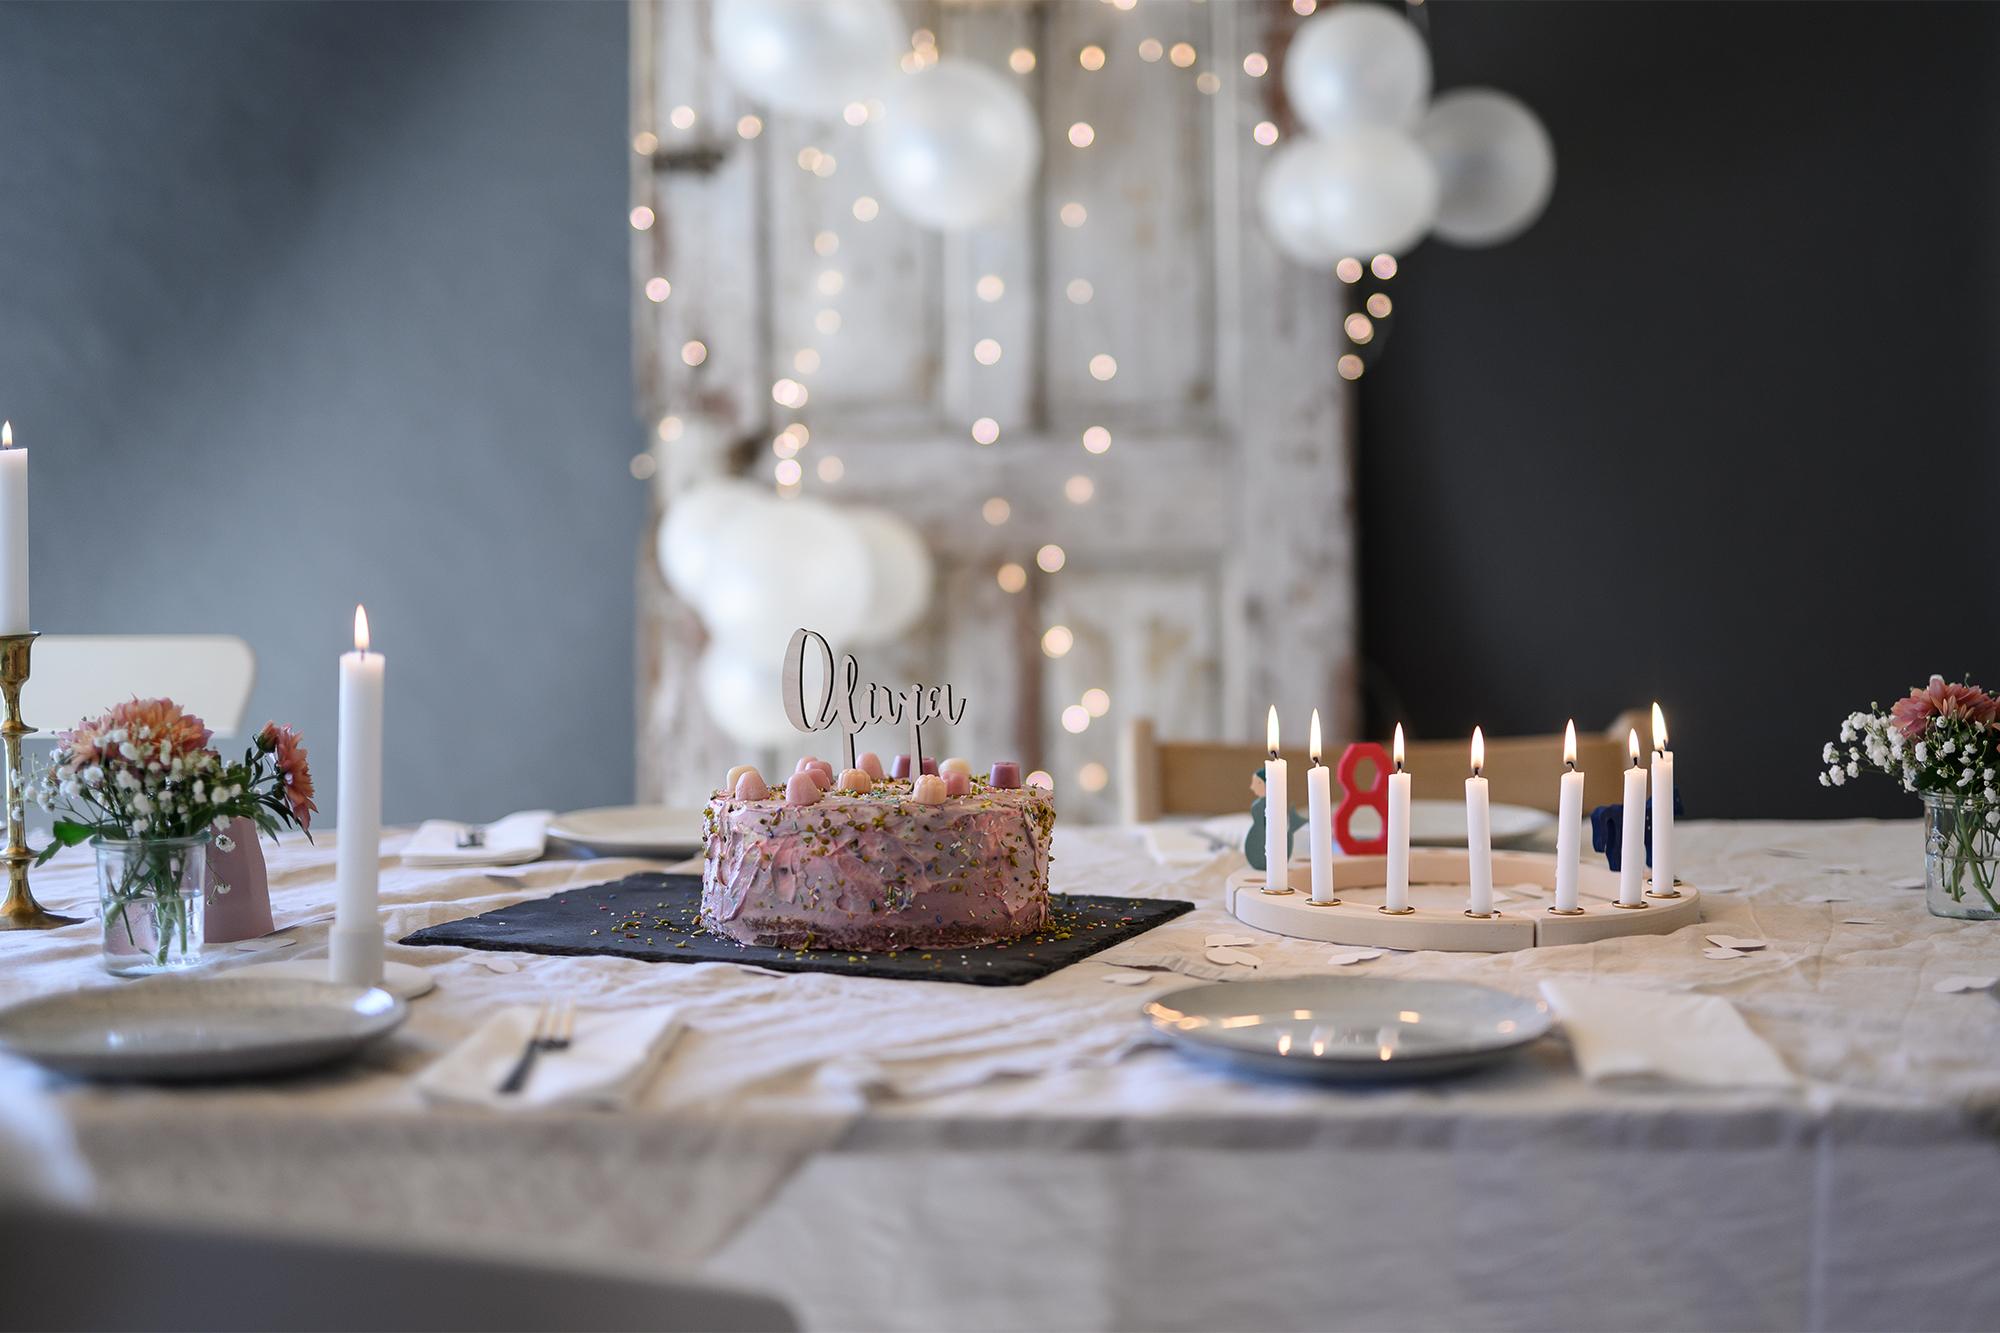 Geburtstagstafel zum 8. Geburtstag | apinchofstyle.com